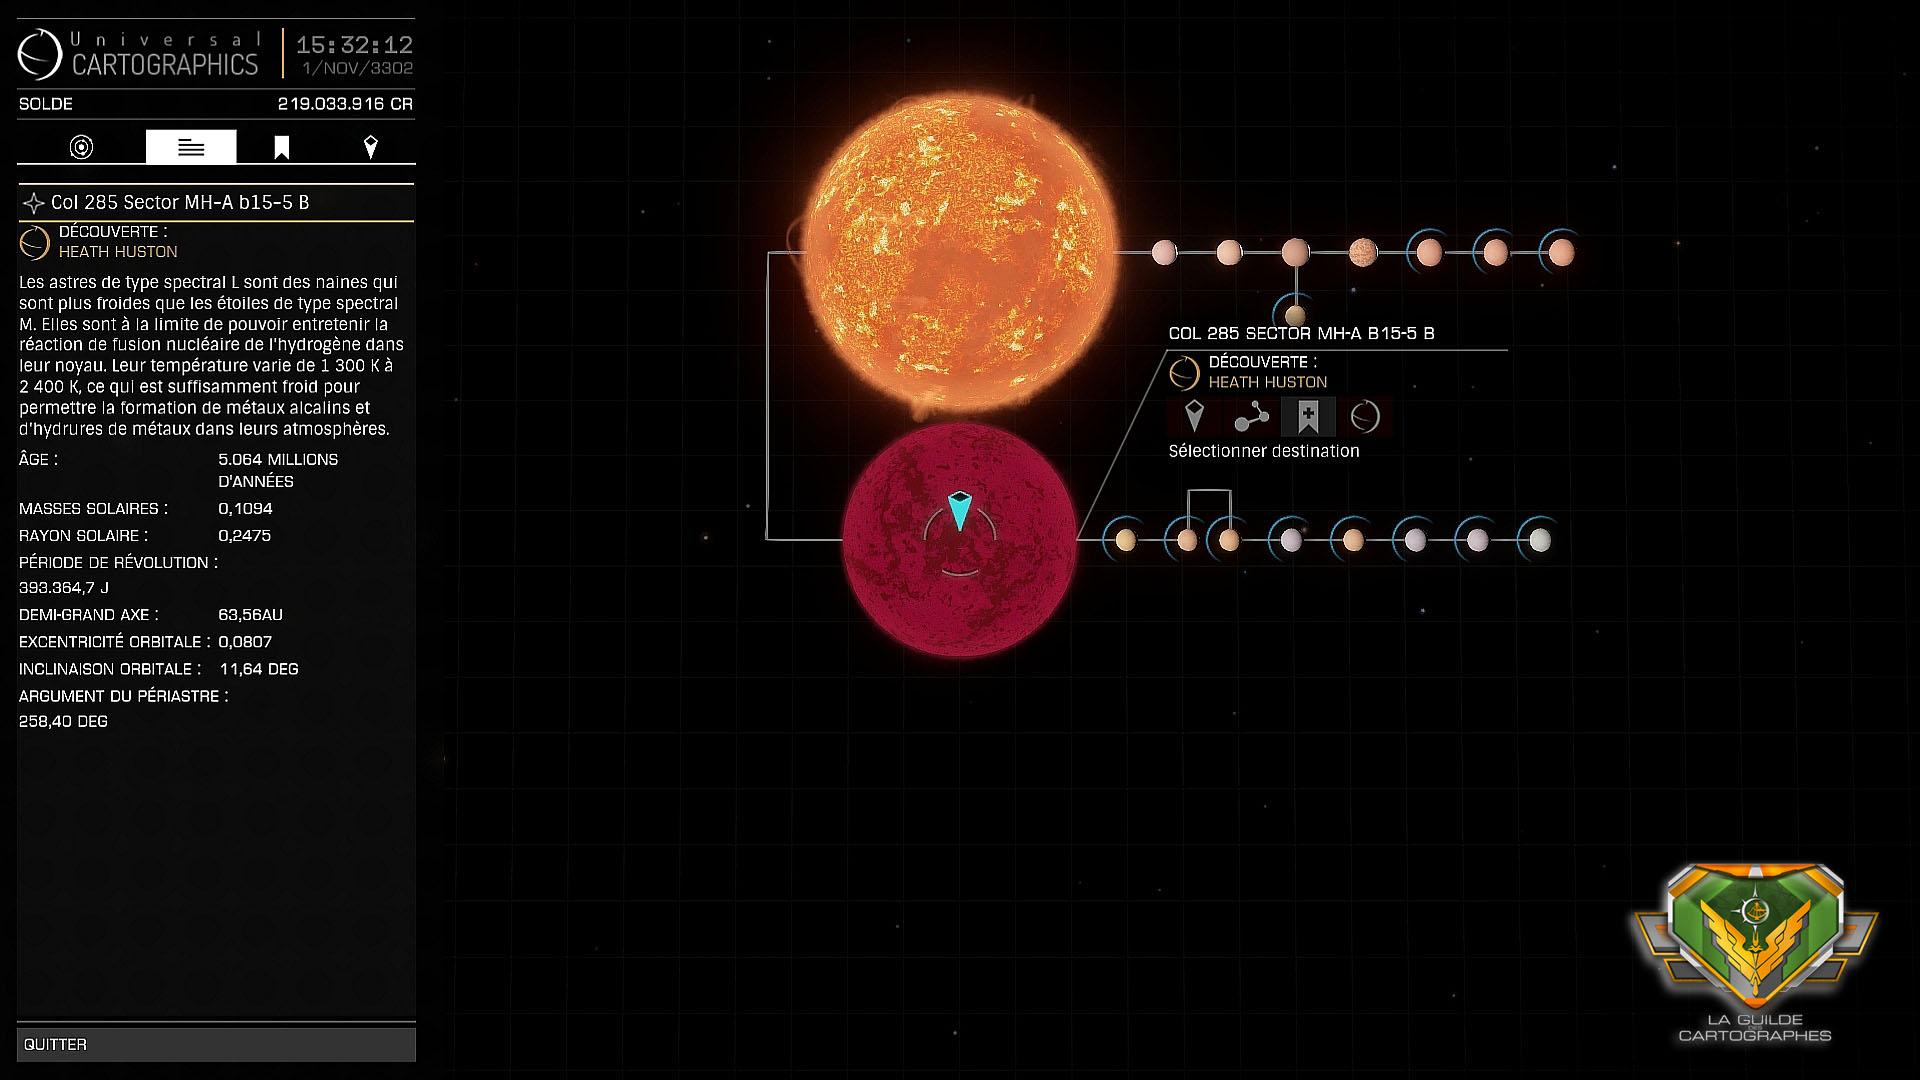 Une des étoiles découverte par Heath Huston en avril 3301.